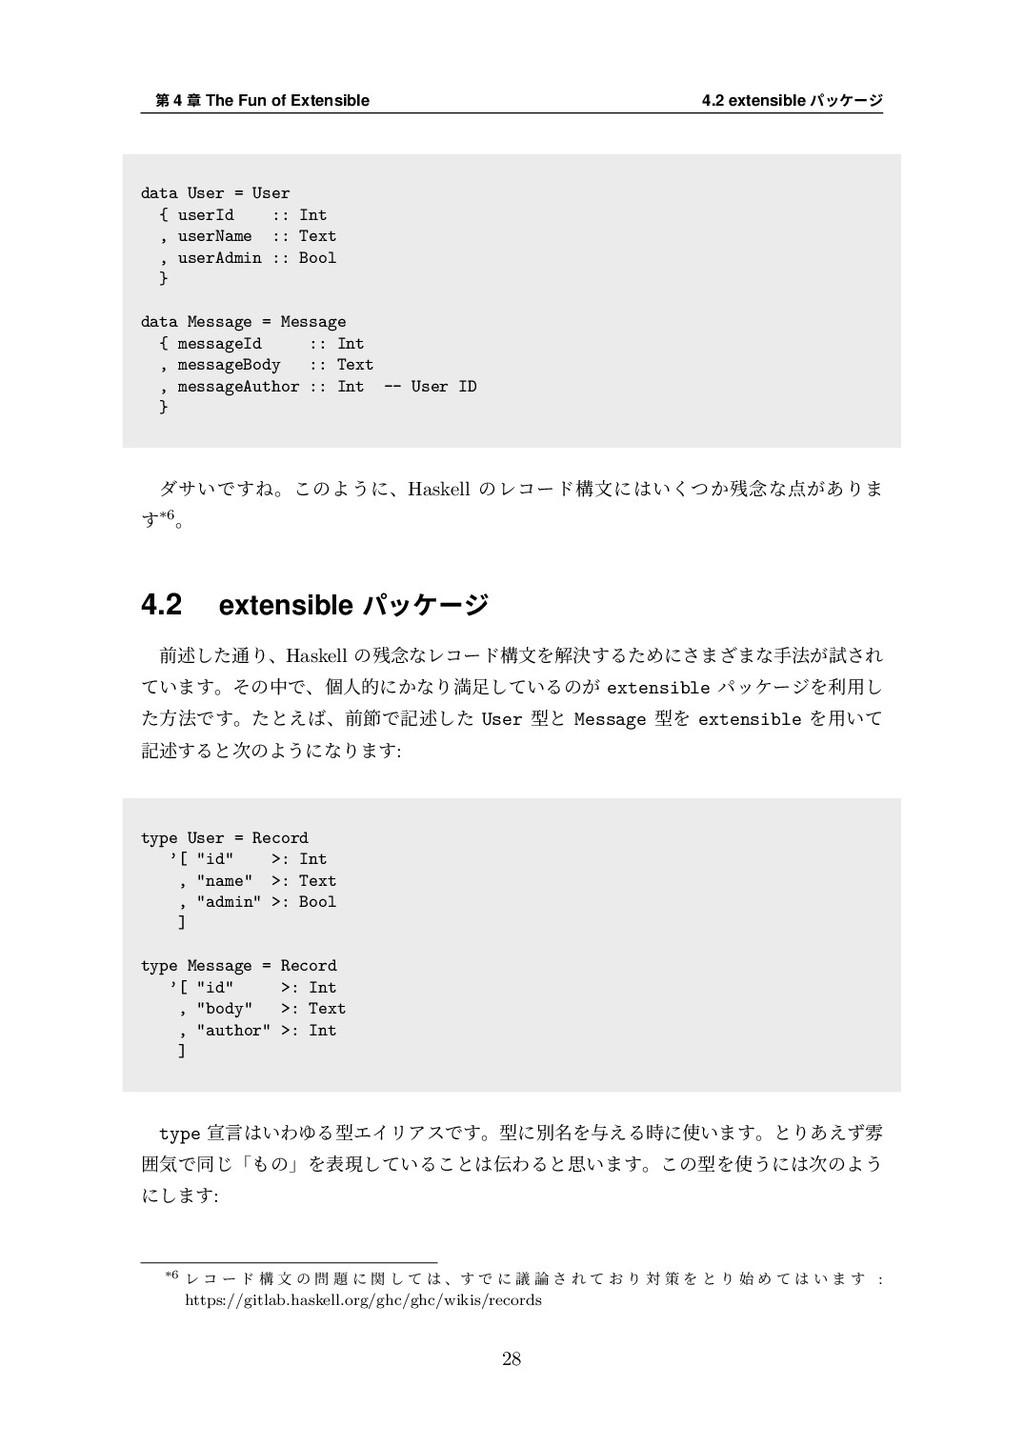 第 4 章 The Fun of Extensible 4.2 extensible パッケー...